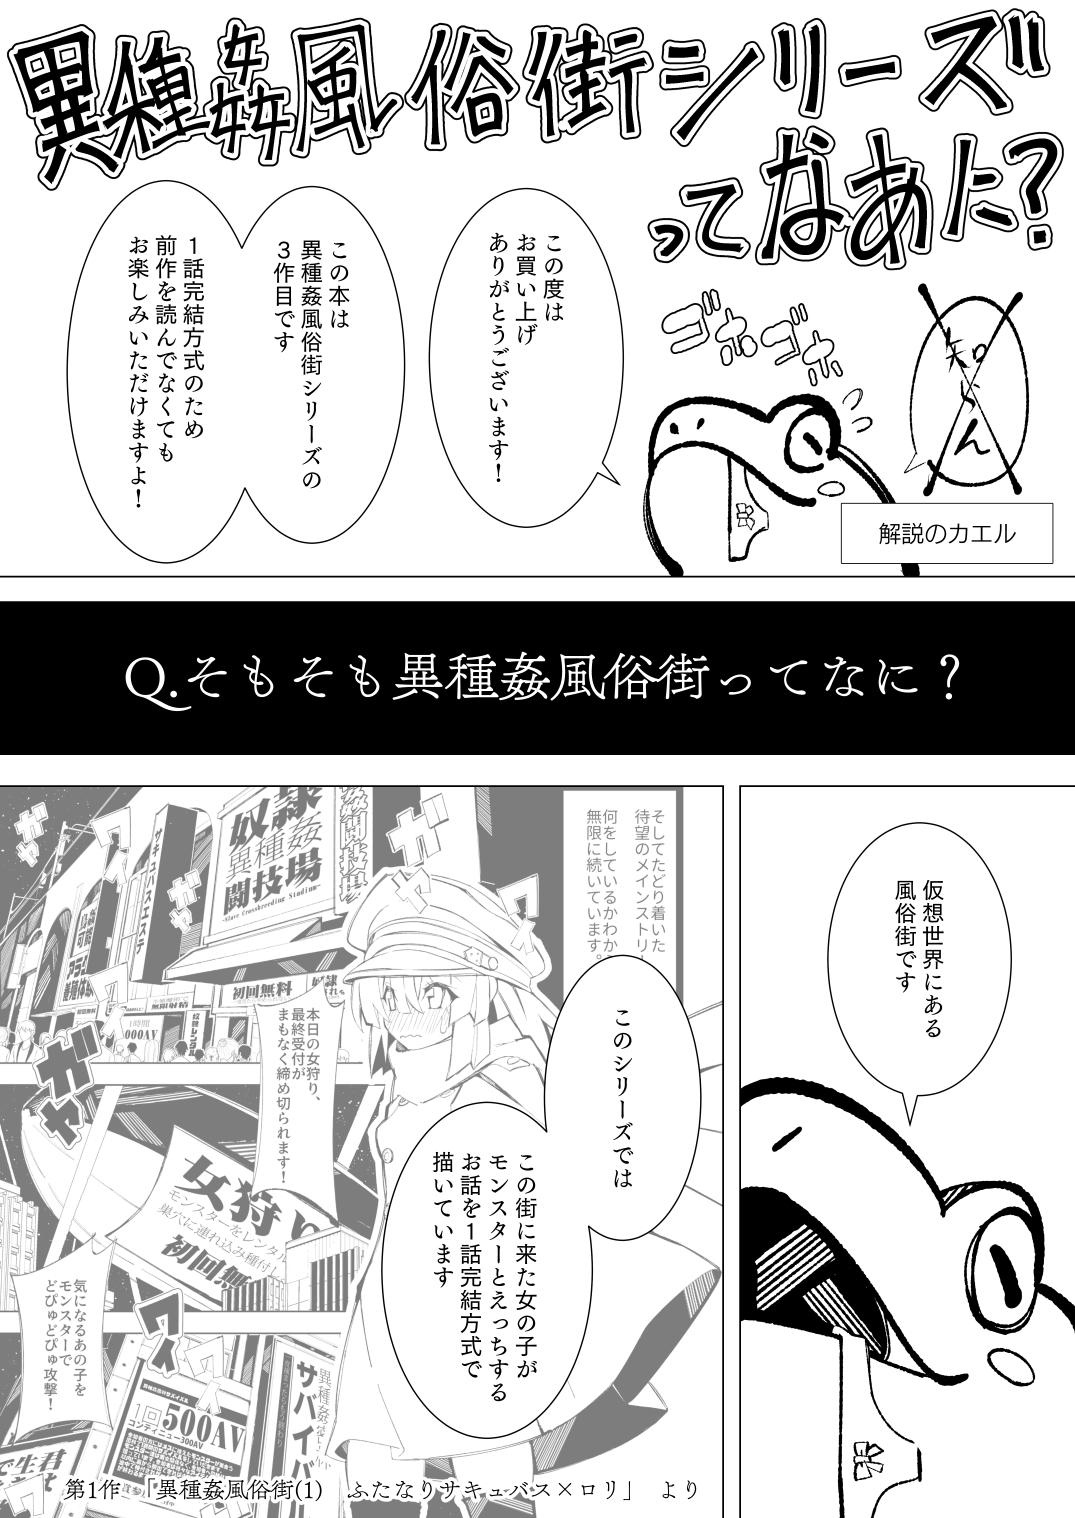 Ishu kan fūzoku-gai3 shokubutsu shokushu × rori 3